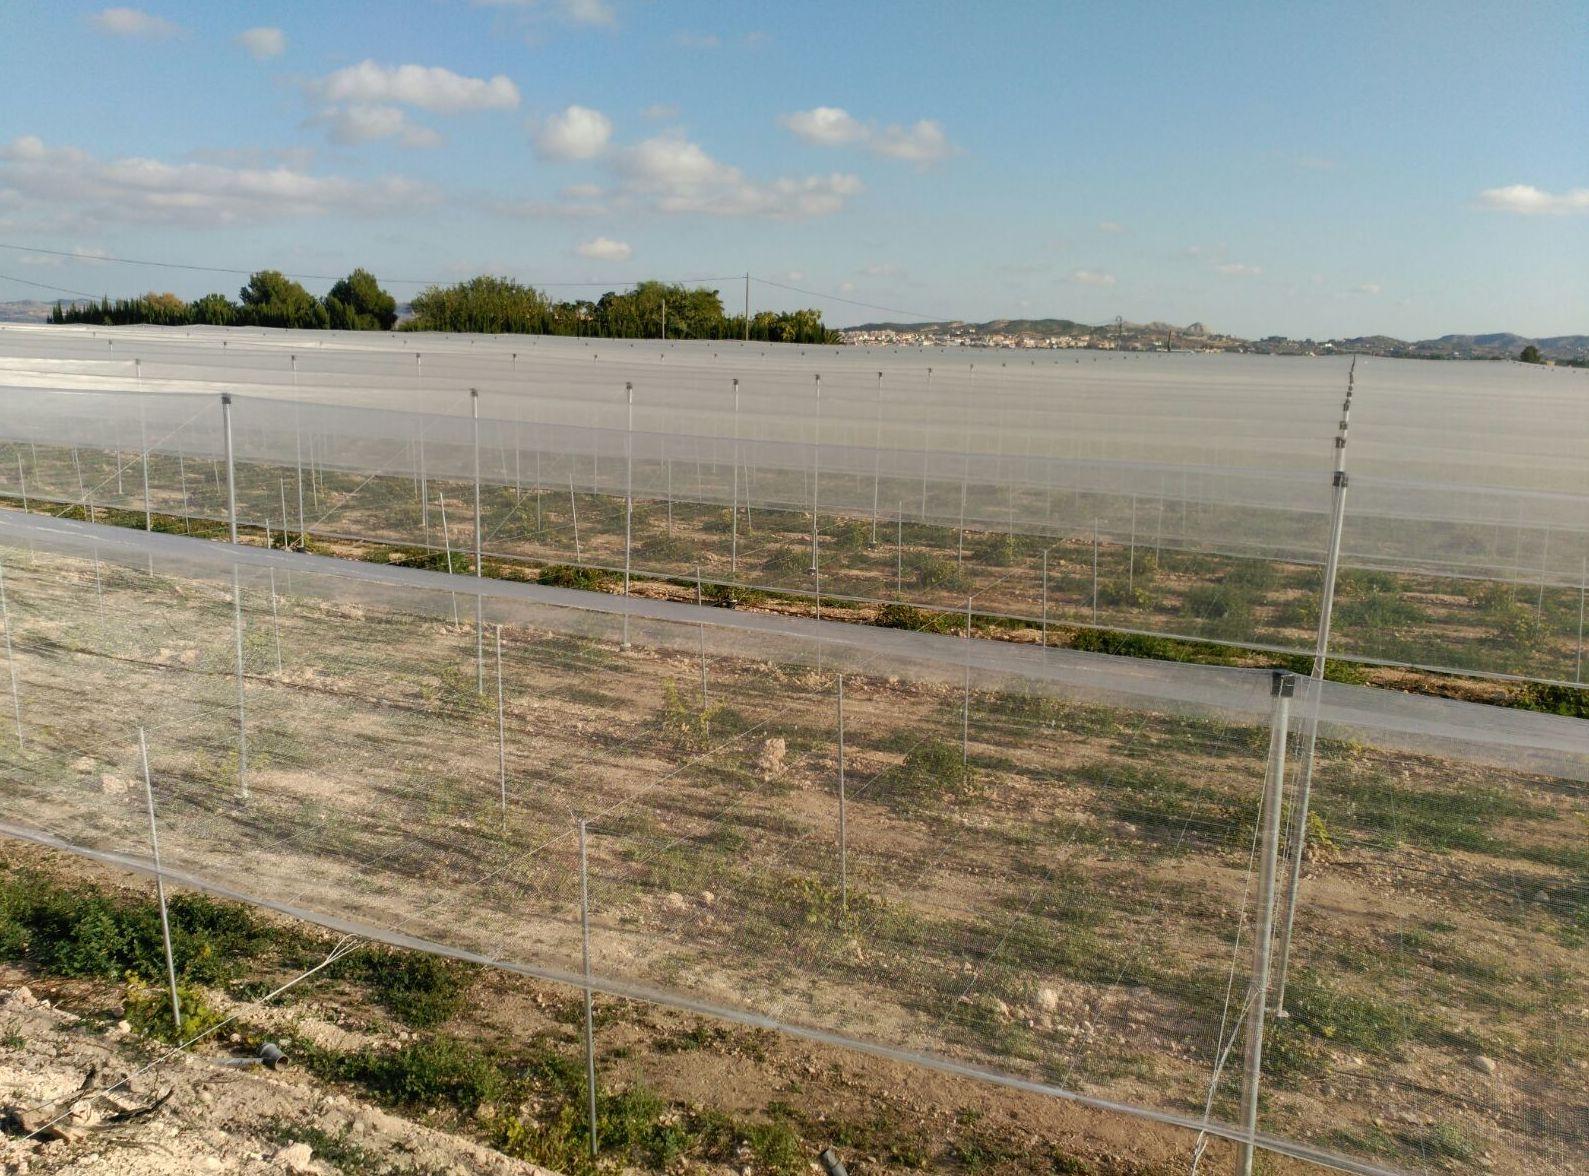 Foto 56 de Infraestructuras y trabajos agrícolas en La Murada – Orihuela | Mantenimiento y Estructuras Agrícolas Mateo e Hijo, S.L.